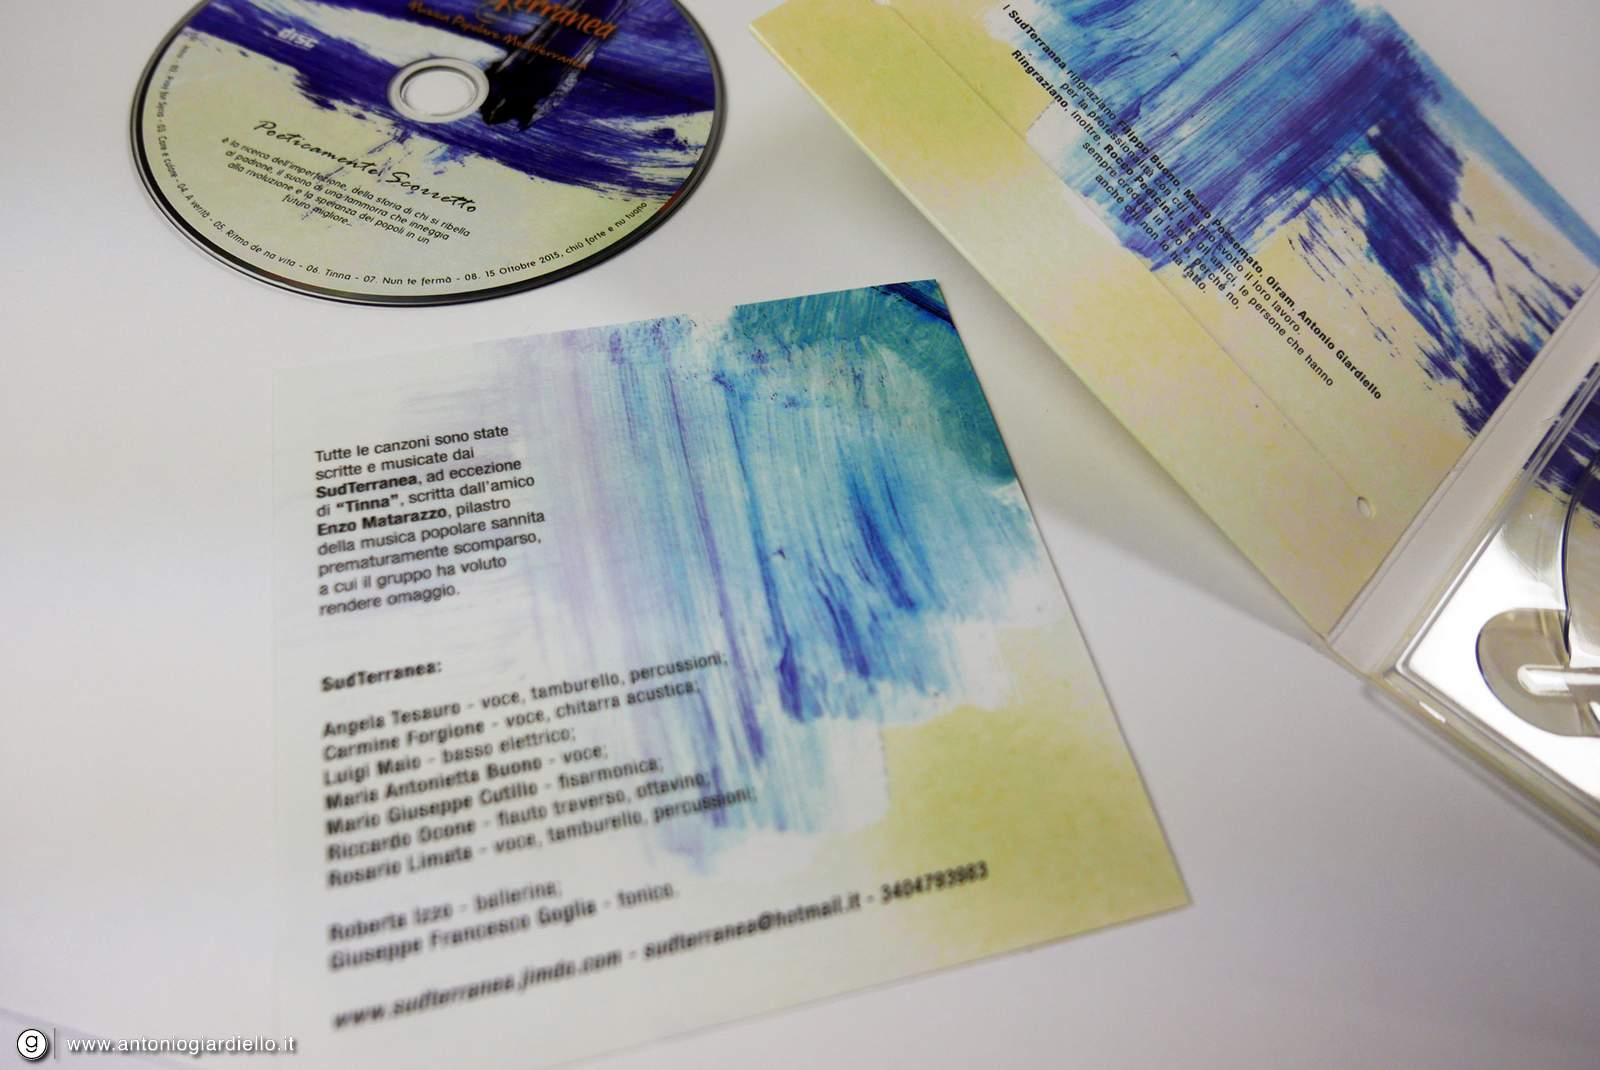 progettazione grafica album musicale poeticamente scorretto dei sudterranea17.jpg